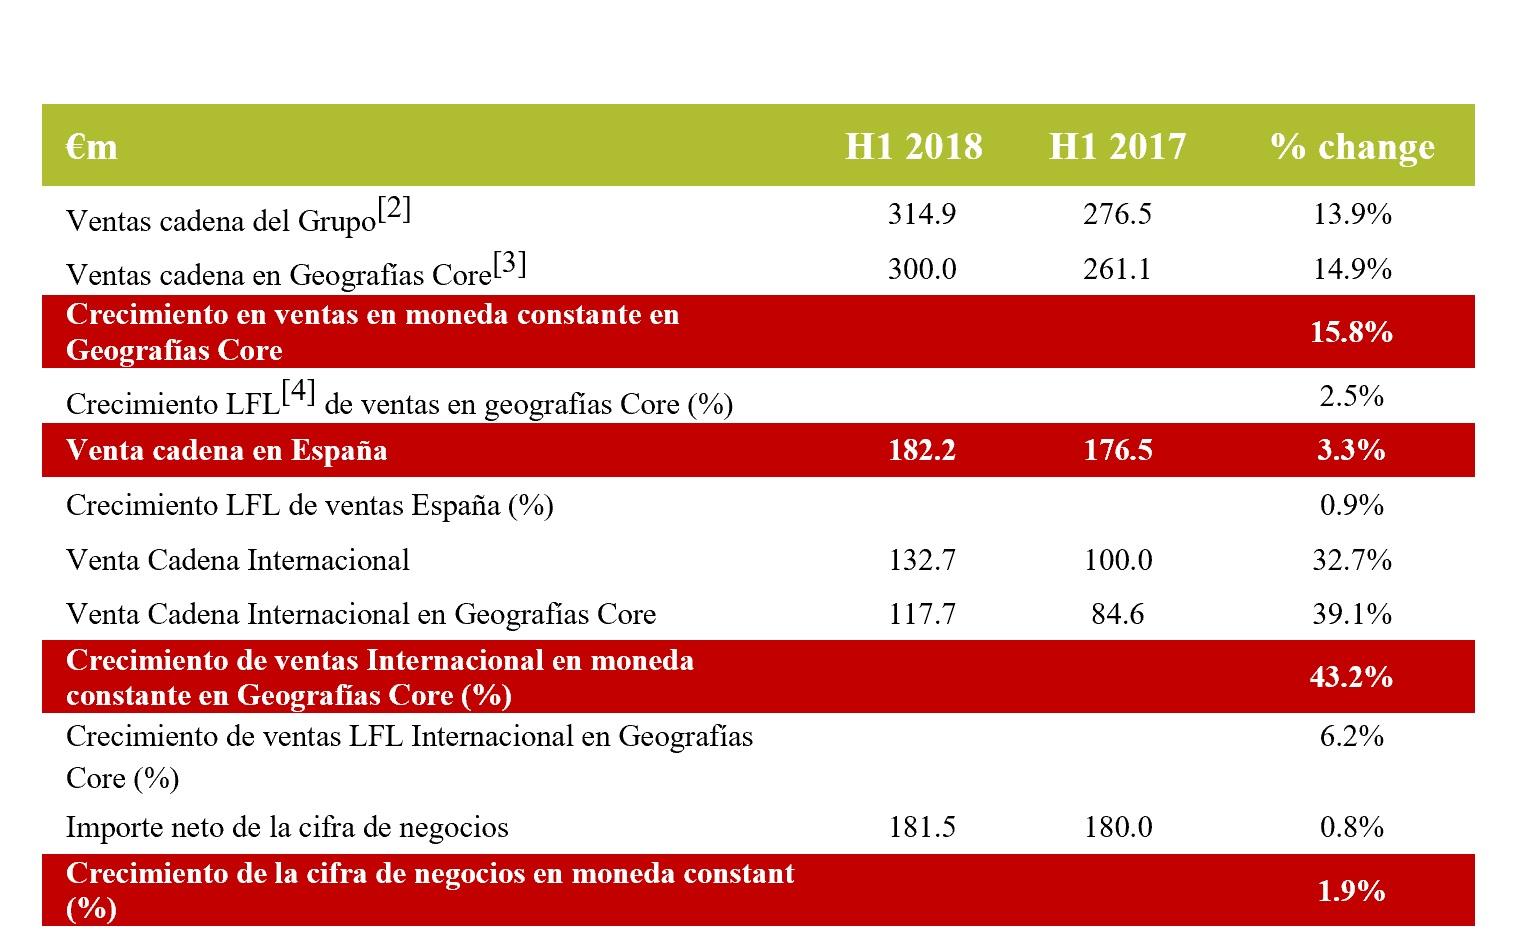 https://www.programapublicidad.com/wp-content/uploads/2018/09/grupo-telepizza-resultados-2018programapublicidad-muy-grande.jpg